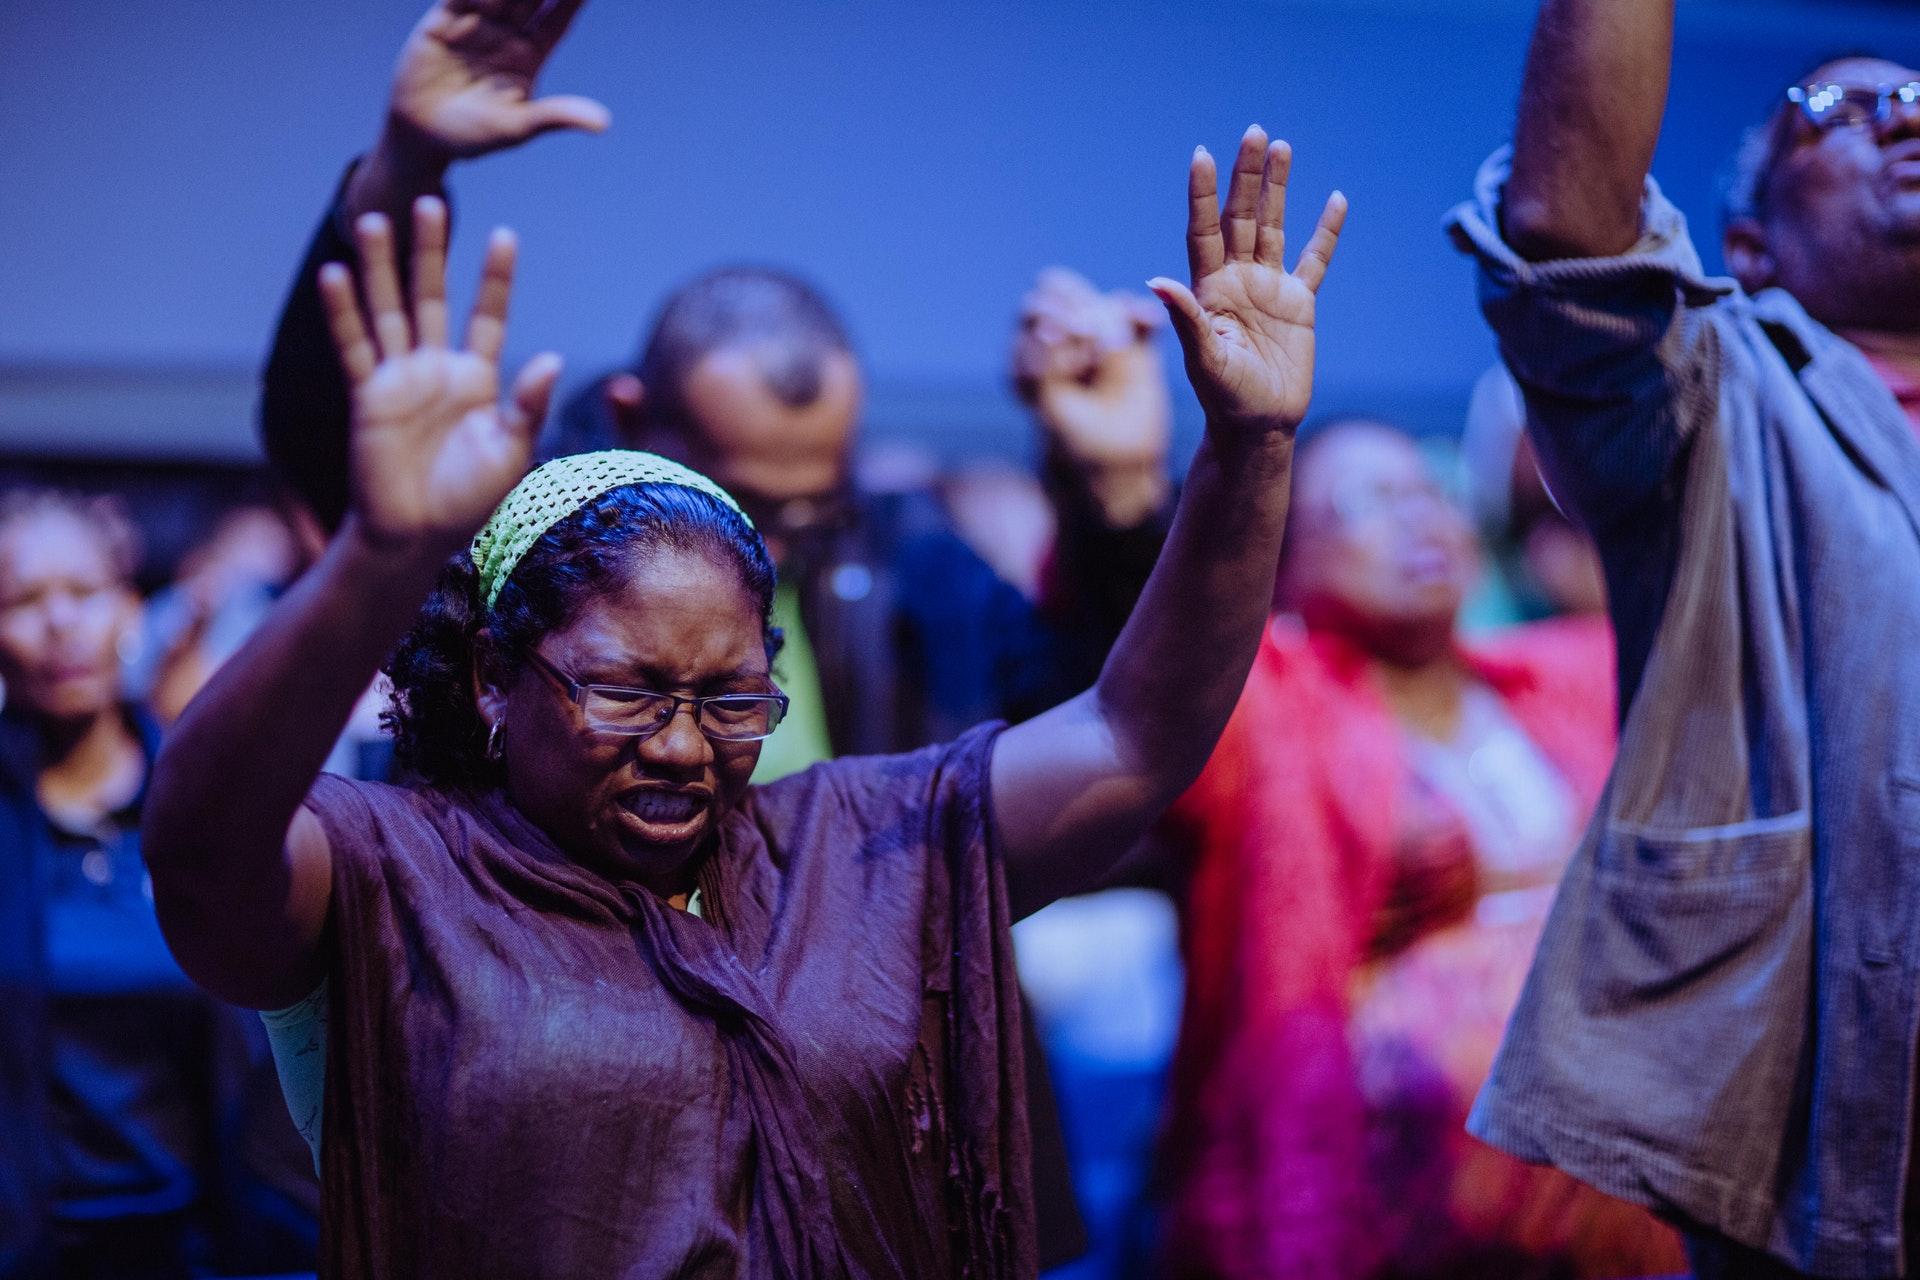 Prière de la Sérénité: 3 secrets cachés à Découvrir.. La Prière de la Sérénité est un texte rédigé par le théologien américain Reinhold Niebuhr (1892–1971), alors que celui-ci travaillait dans un séminaire protestant du « Congregational Church » à Heath, dans le Massachusetts, aux États-Unis. Cette prière propose d'obtenir la sagesse de faire la différence entre le changeable et l'inchangeable. La prière de Sérénité était largement utilisée dans les sermons, les groupes d'école du dimanche et les études.